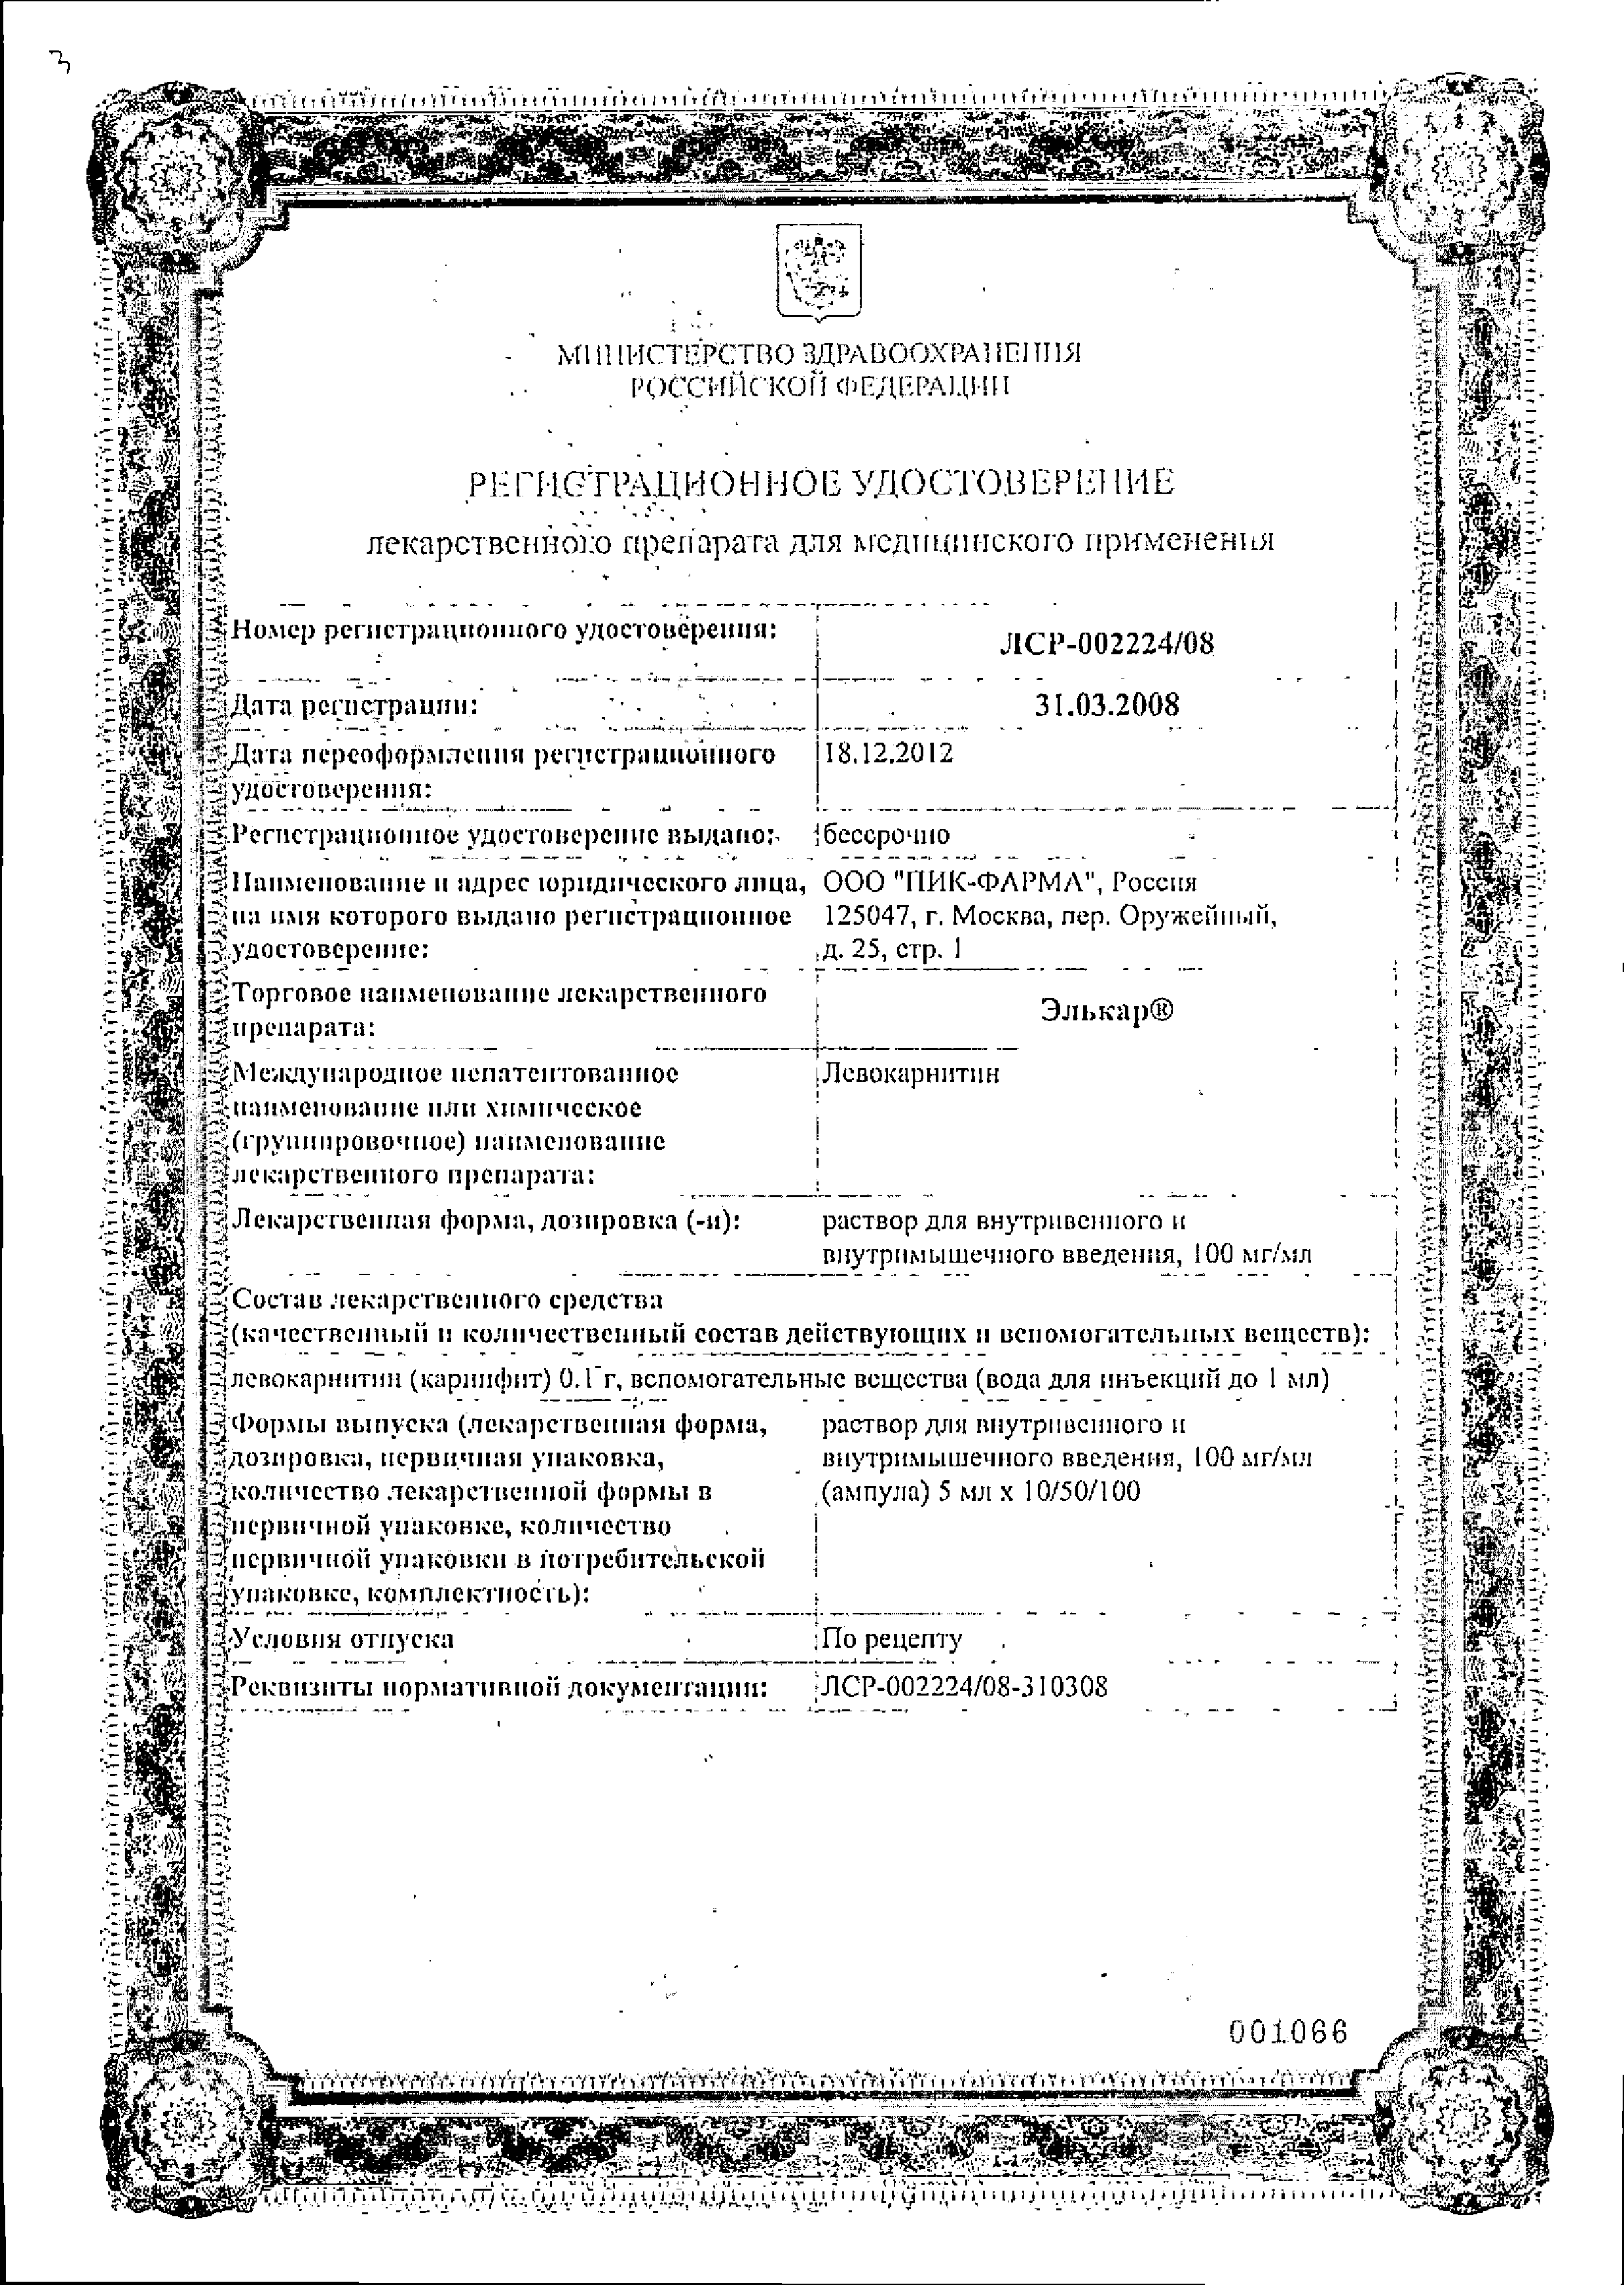 Элькар сертификат